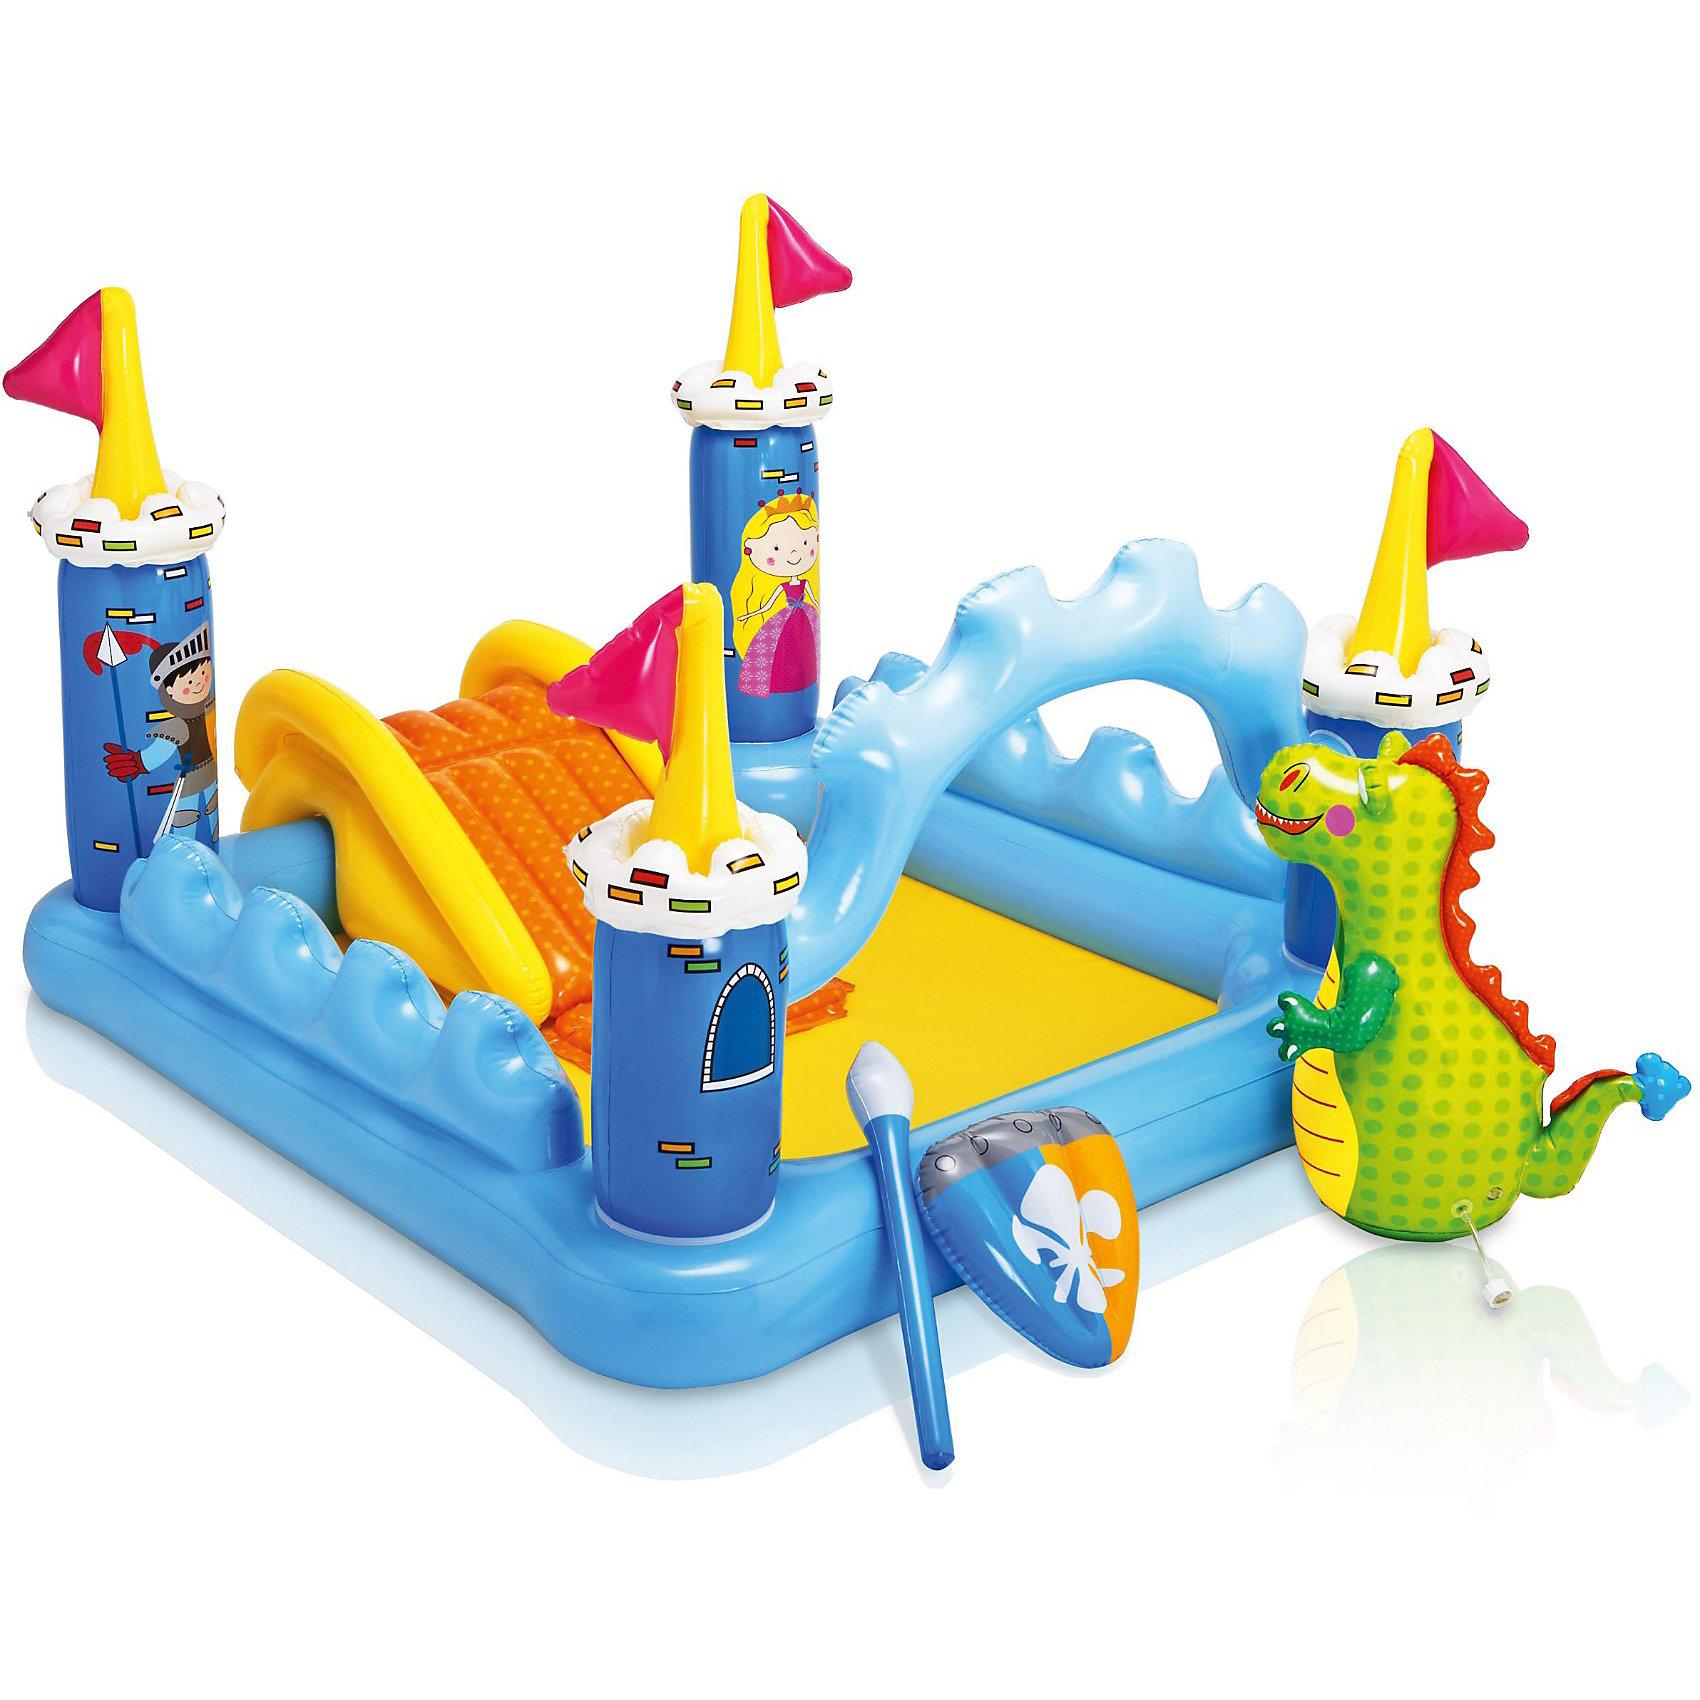 Детский игровой комплекс с бассейном Замок, IntexБассейны<br>Фантастический замок — это игровой центр, который будет радовать кроху зимой и летом. Яркий бассейн в виде замка с неприступными башенками с надёжным стражем драконом поможет внести разнообразие в будни малыша. <br><br>Летом на природе ребёнок может плескаться и радоваться брызгам, а зимой можно наполнить бассейн пластиковыми шариками и использовать его как игровой манеж. <br><br>Подсоедините садовый шланг к дракончику, и из него пойдут освежающие брызги. <br><br>Дополнительная информация:<br><br>Комплектация: <br>• бассейн, <br>•голова дракона, <br>• две надувных детали, <br>• переходник для накачивания, <br>• инструкция, <br>• ручка держетель.<br><br>Удобное выпускное отверстие, яркий дизайн.<br>Объём: 178 л.<br>Размер: 185,5?152?107 см.<br>Размер упаковки: 11?46?36 см.<br>Вес: 4,79 кг.<br><br>Десткий игровой бассейн Замок, Intex (Интекс) можно купить в нашем магазине.<br><br>Ширина мм: 460<br>Глубина мм: 363<br>Высота мм: 116<br>Вес г: 4811<br>Возраст от месяцев: 24<br>Возраст до месяцев: 72<br>Пол: Унисекс<br>Возраст: Детский<br>SKU: 3763658